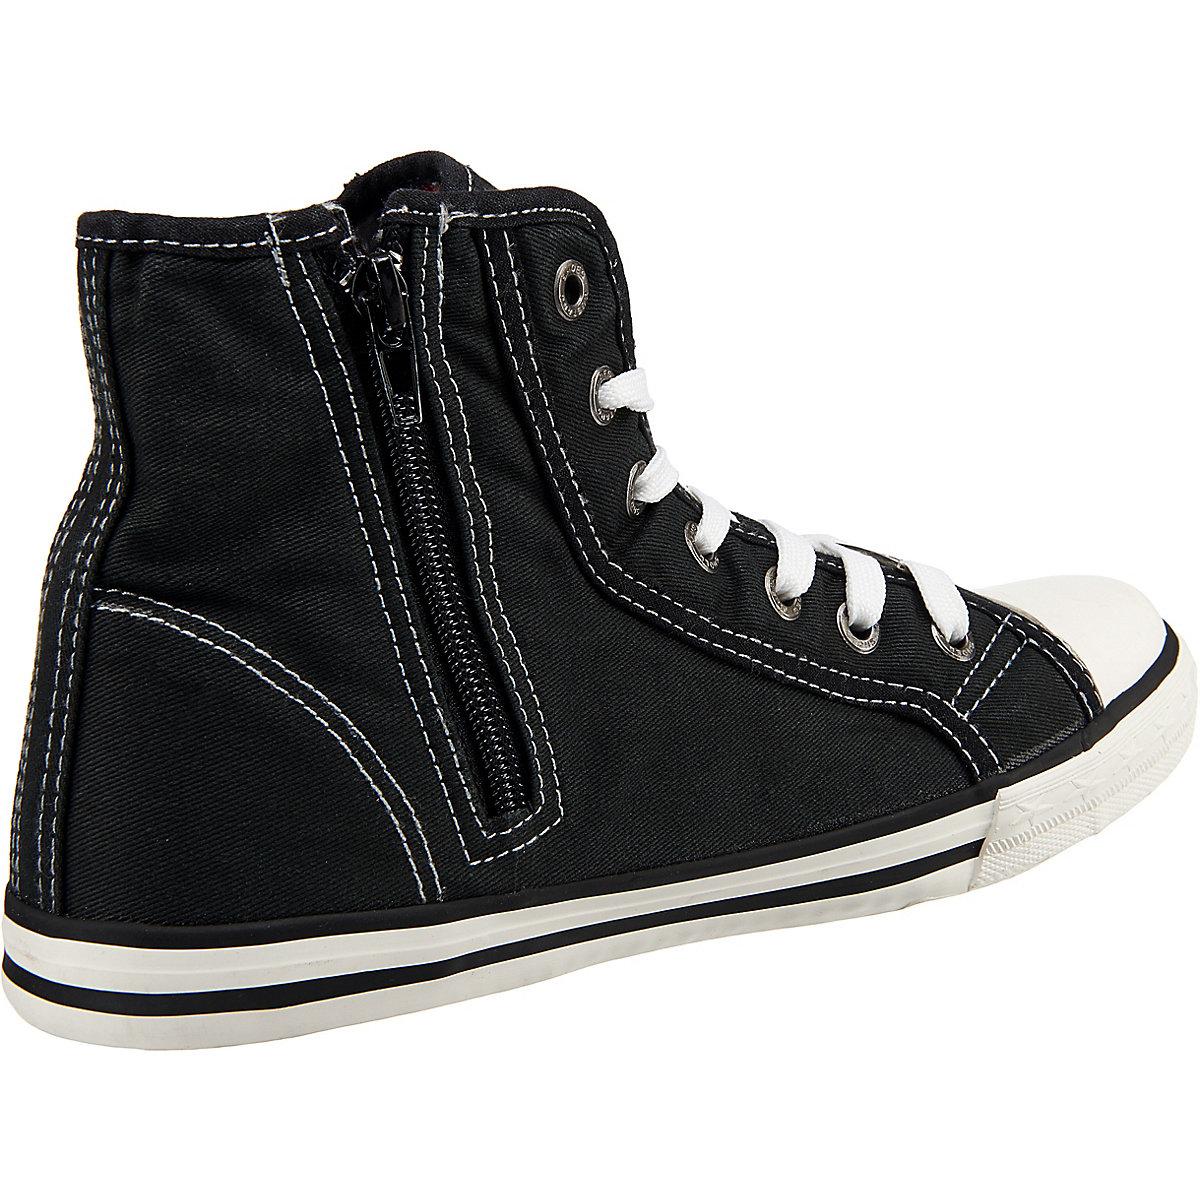 Mustang, Sneakers High, Schwarz Artikelnummer:3480696